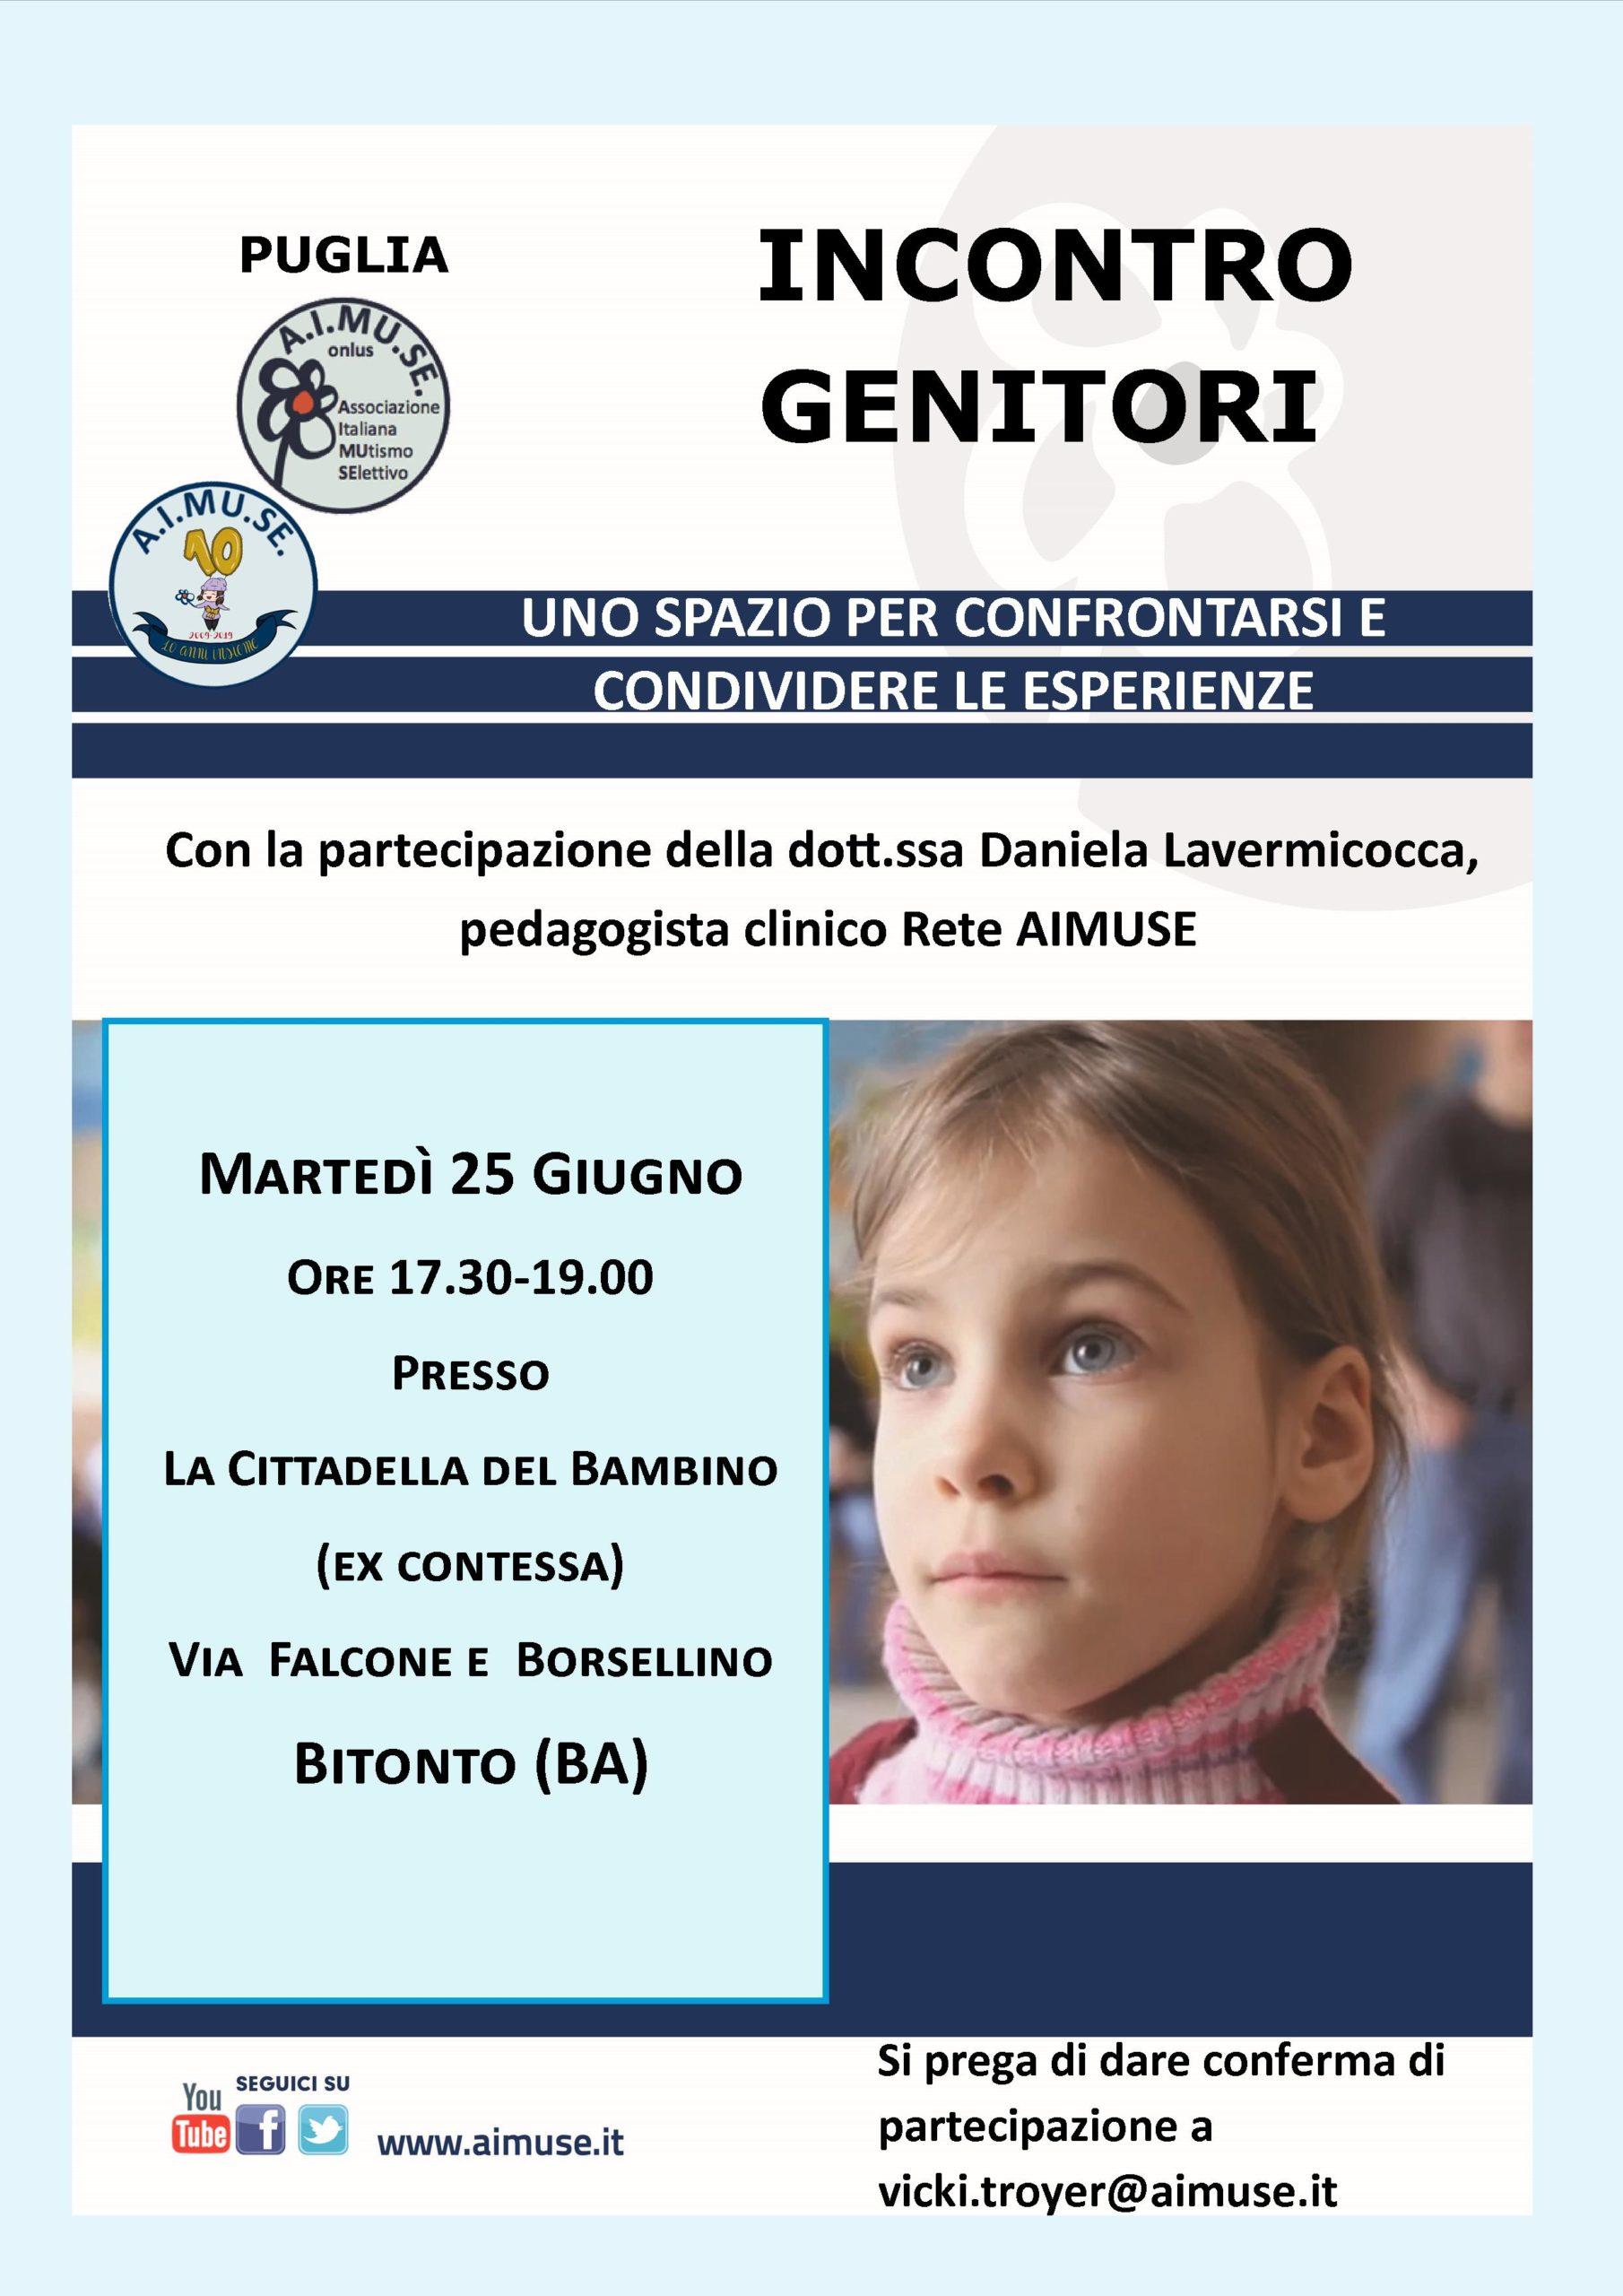 Incontro Genitori a Bitonto (BA)